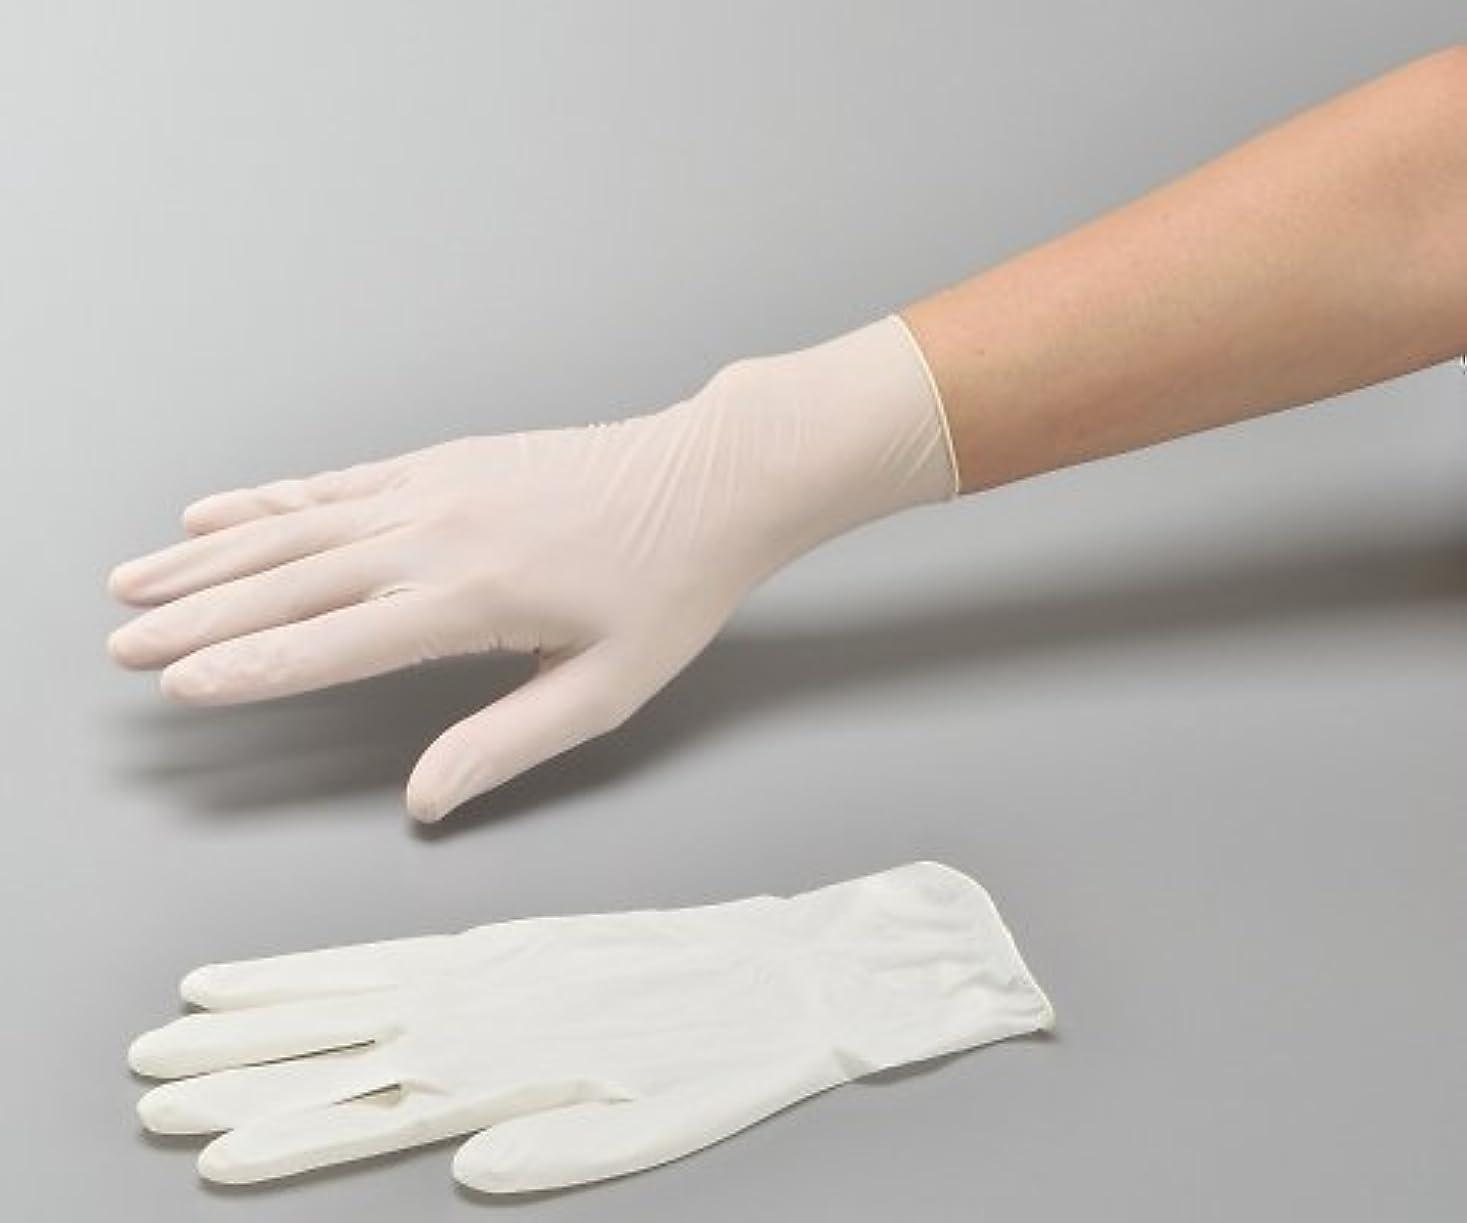 つかまえるメディア奨学金ナビス(アズワン)8-9970-02ナビロール手袋(指先エンボス?エコノミータイプ?パウダー付)M1箱(100枚入)